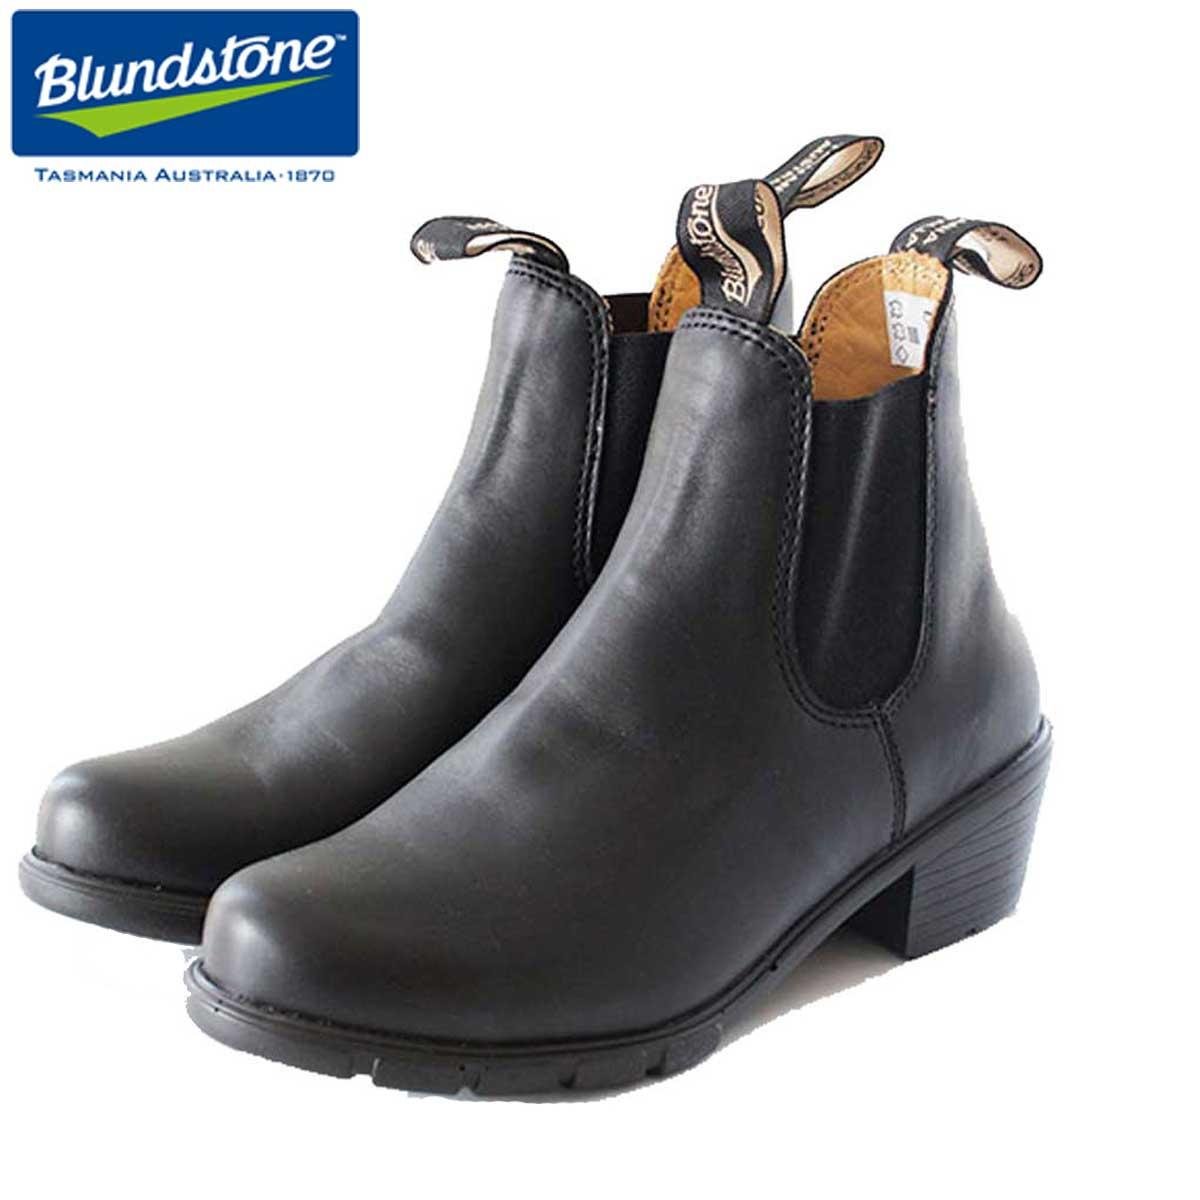 ブランドストーン Blundstone BS1671 009 (レディース) ブラック 「靴」